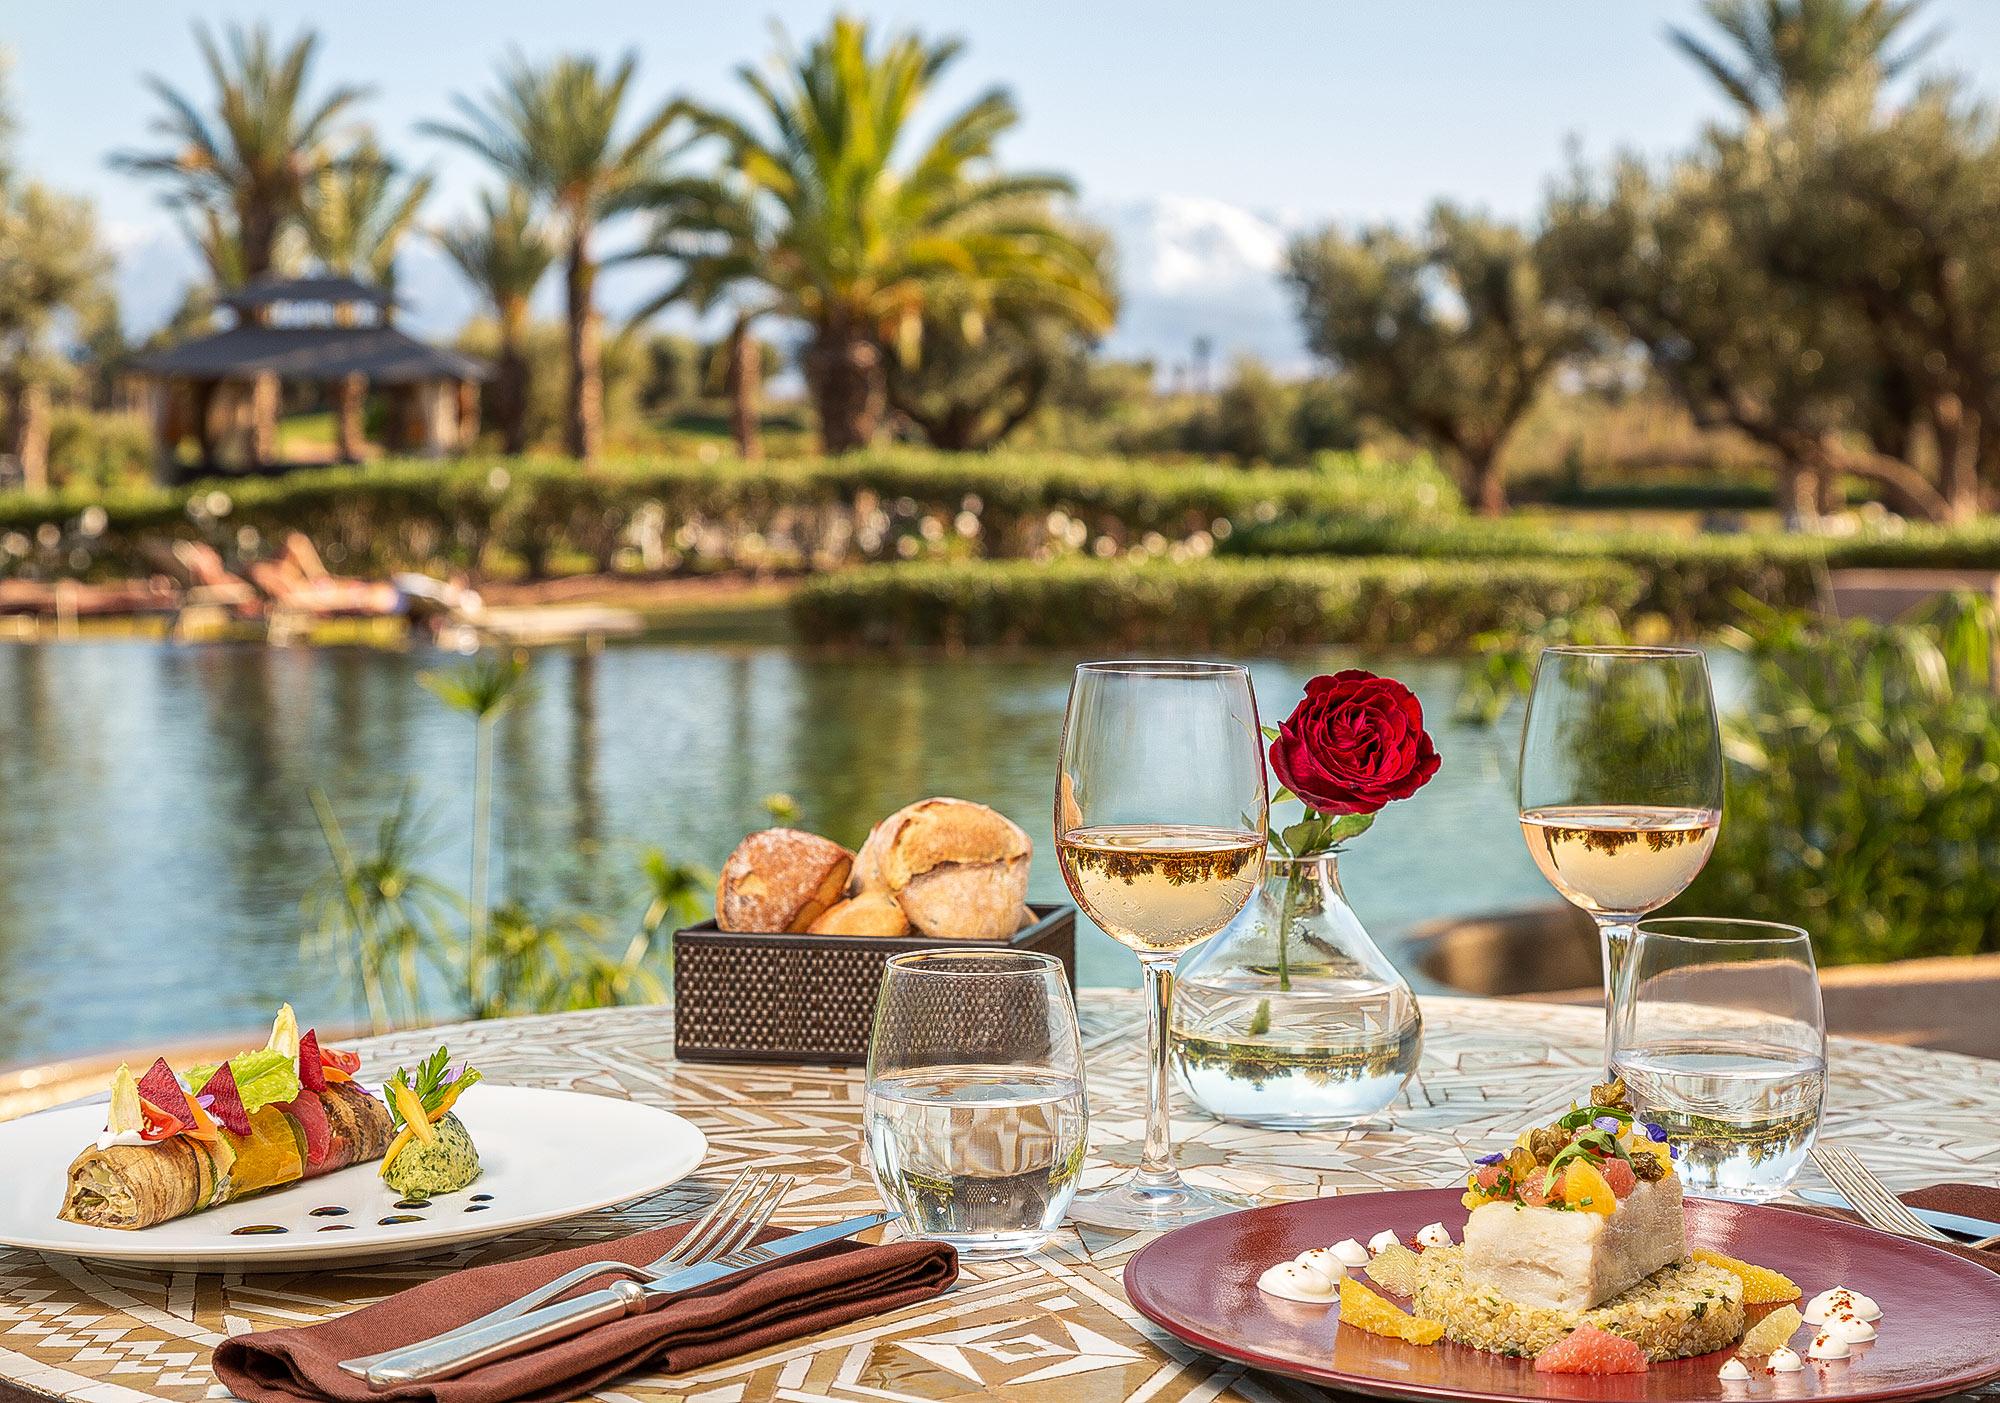 Food fotografie von Adrian Kilchherr Schweiz Luxus Hotelfotograf Weltweit; Deutschland; Oesterreich